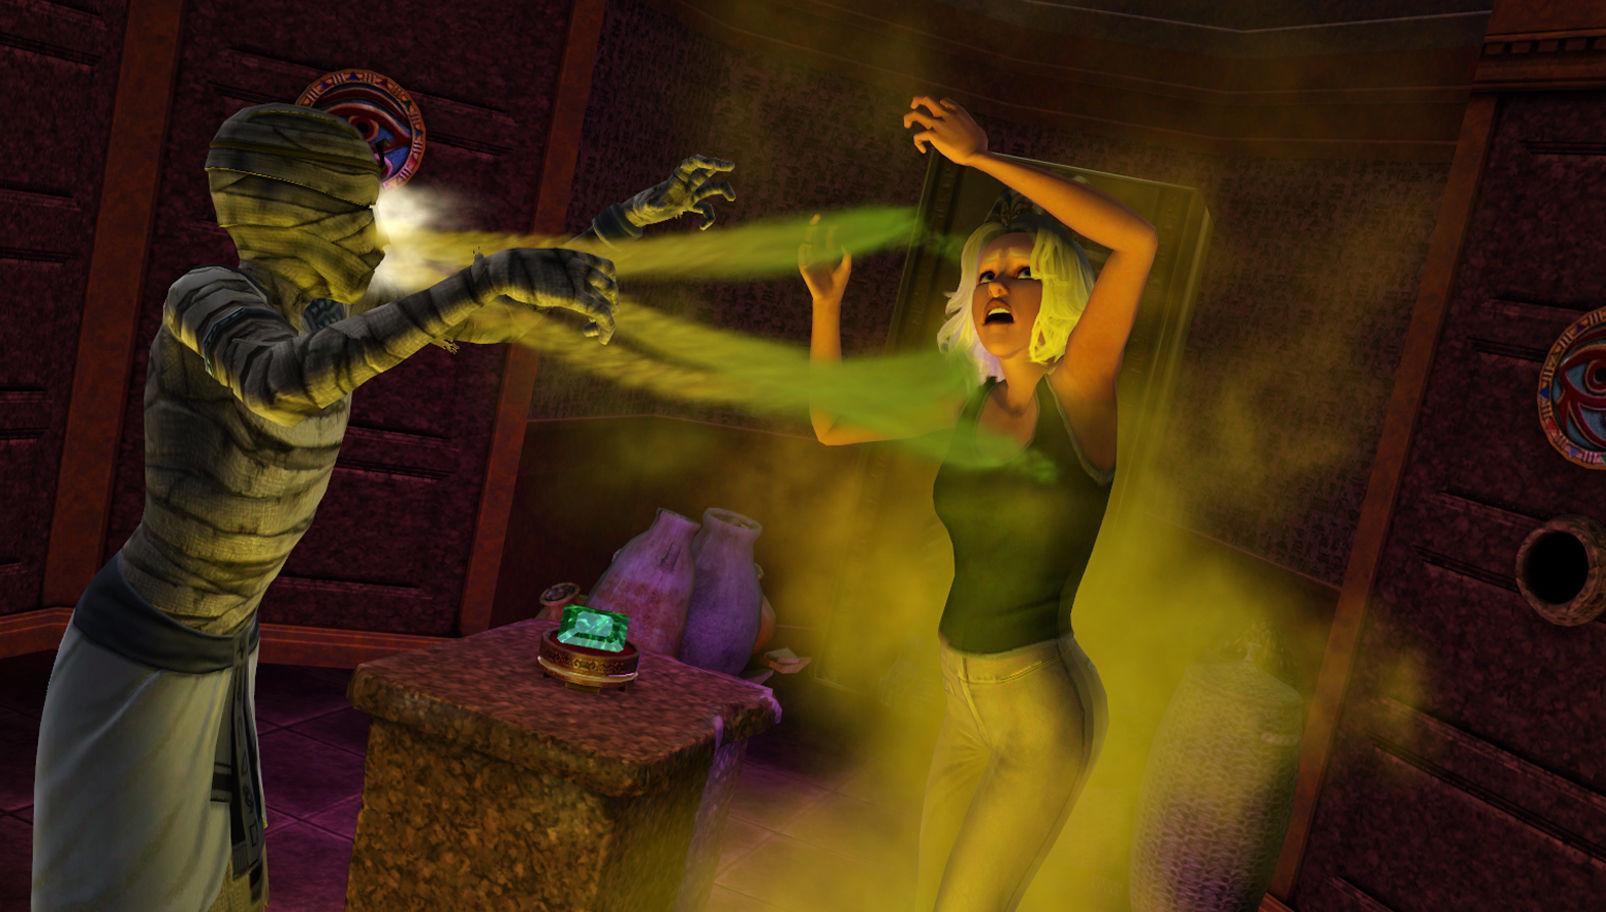 Mummy | The Sims Wiki | FANDOM powered by Wikia